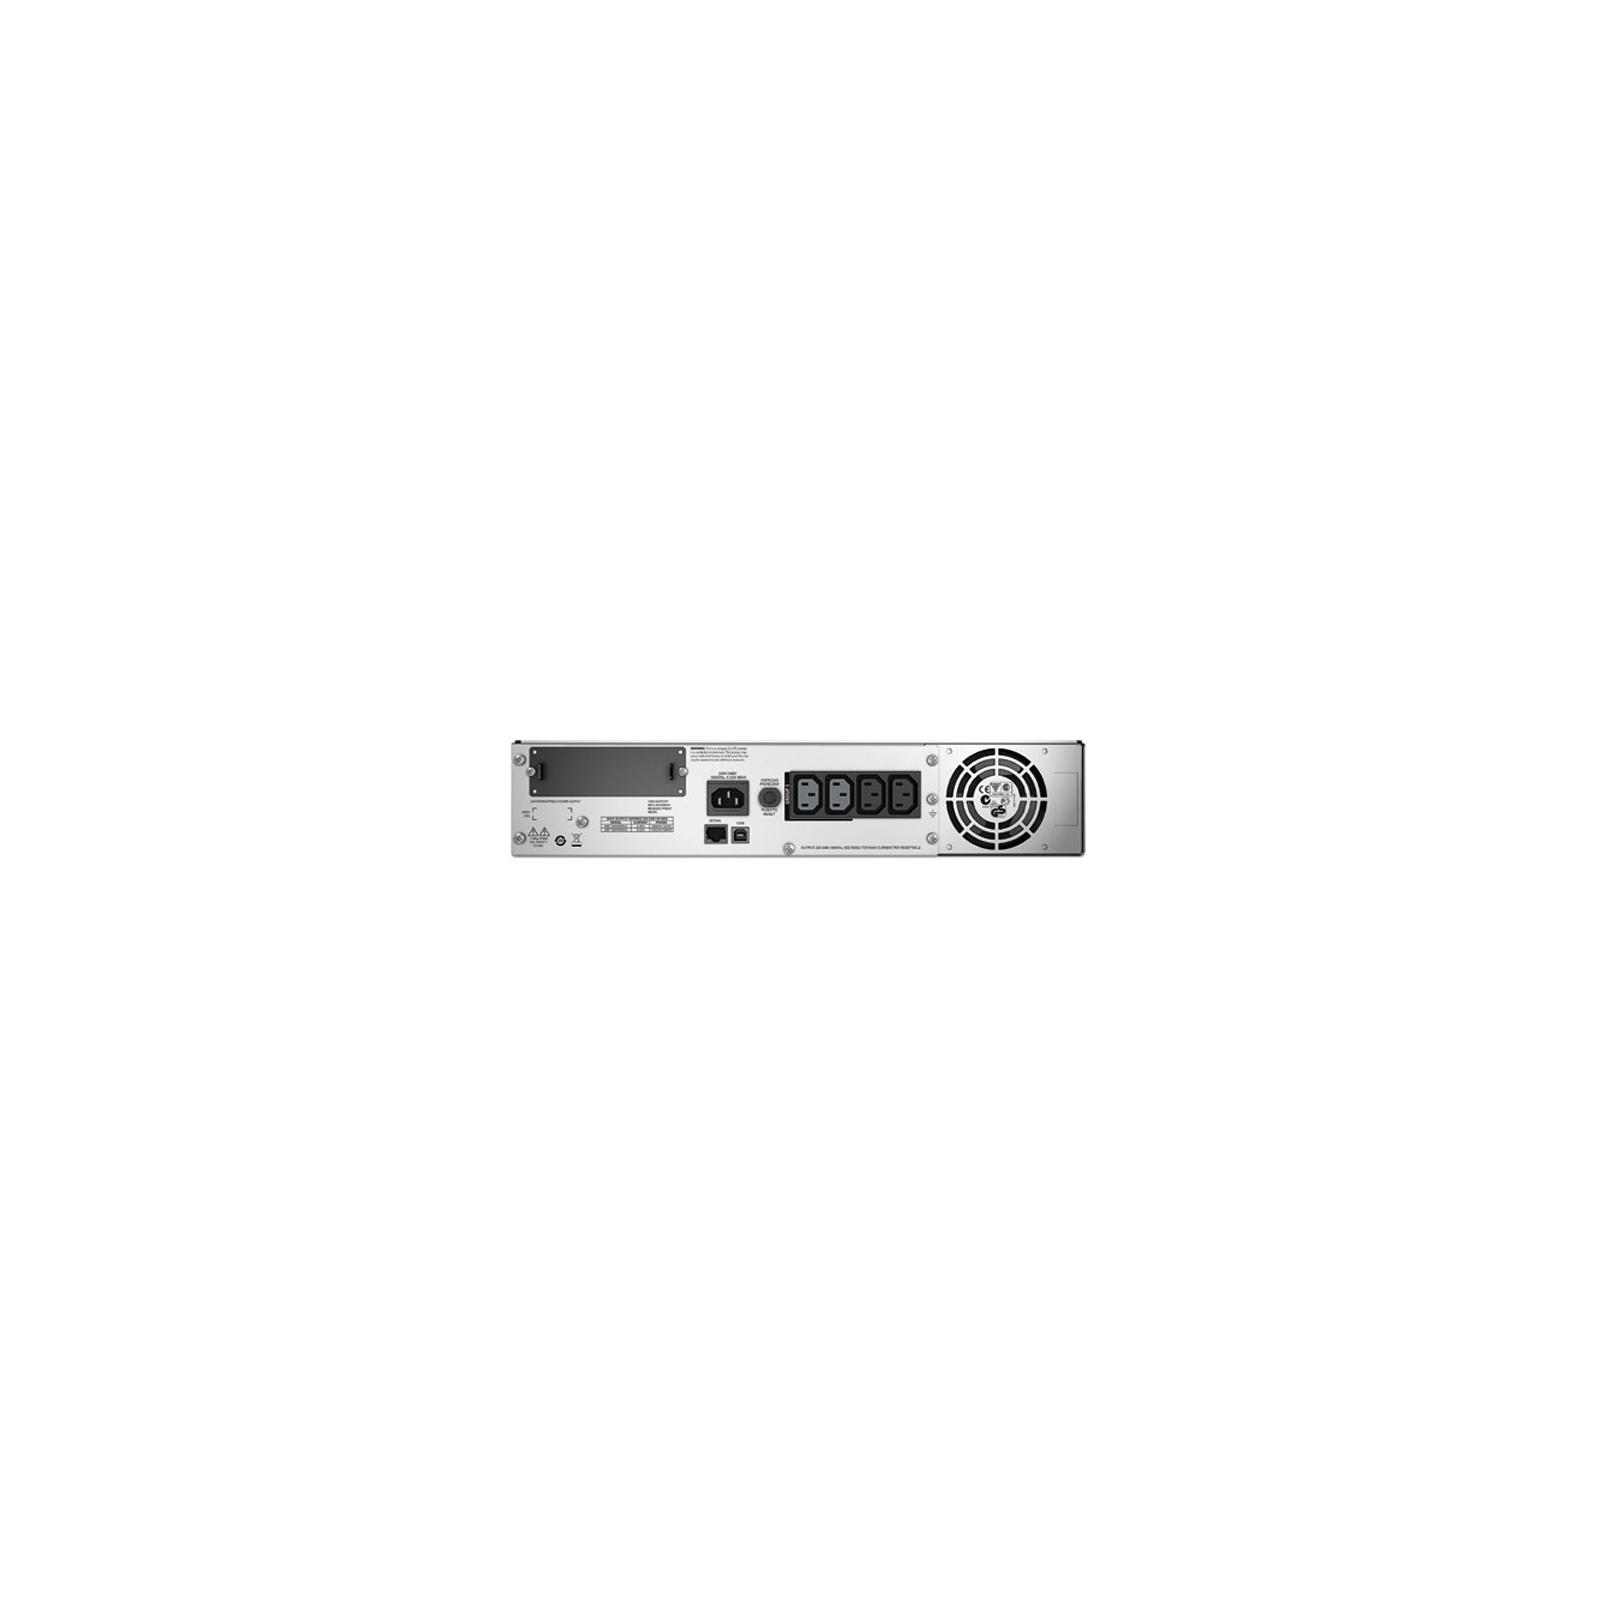 Источник бесперебойного питания APC Smart-UPS RM 1000VA 2U LCD (SMT1000RMI2U) изображение 2